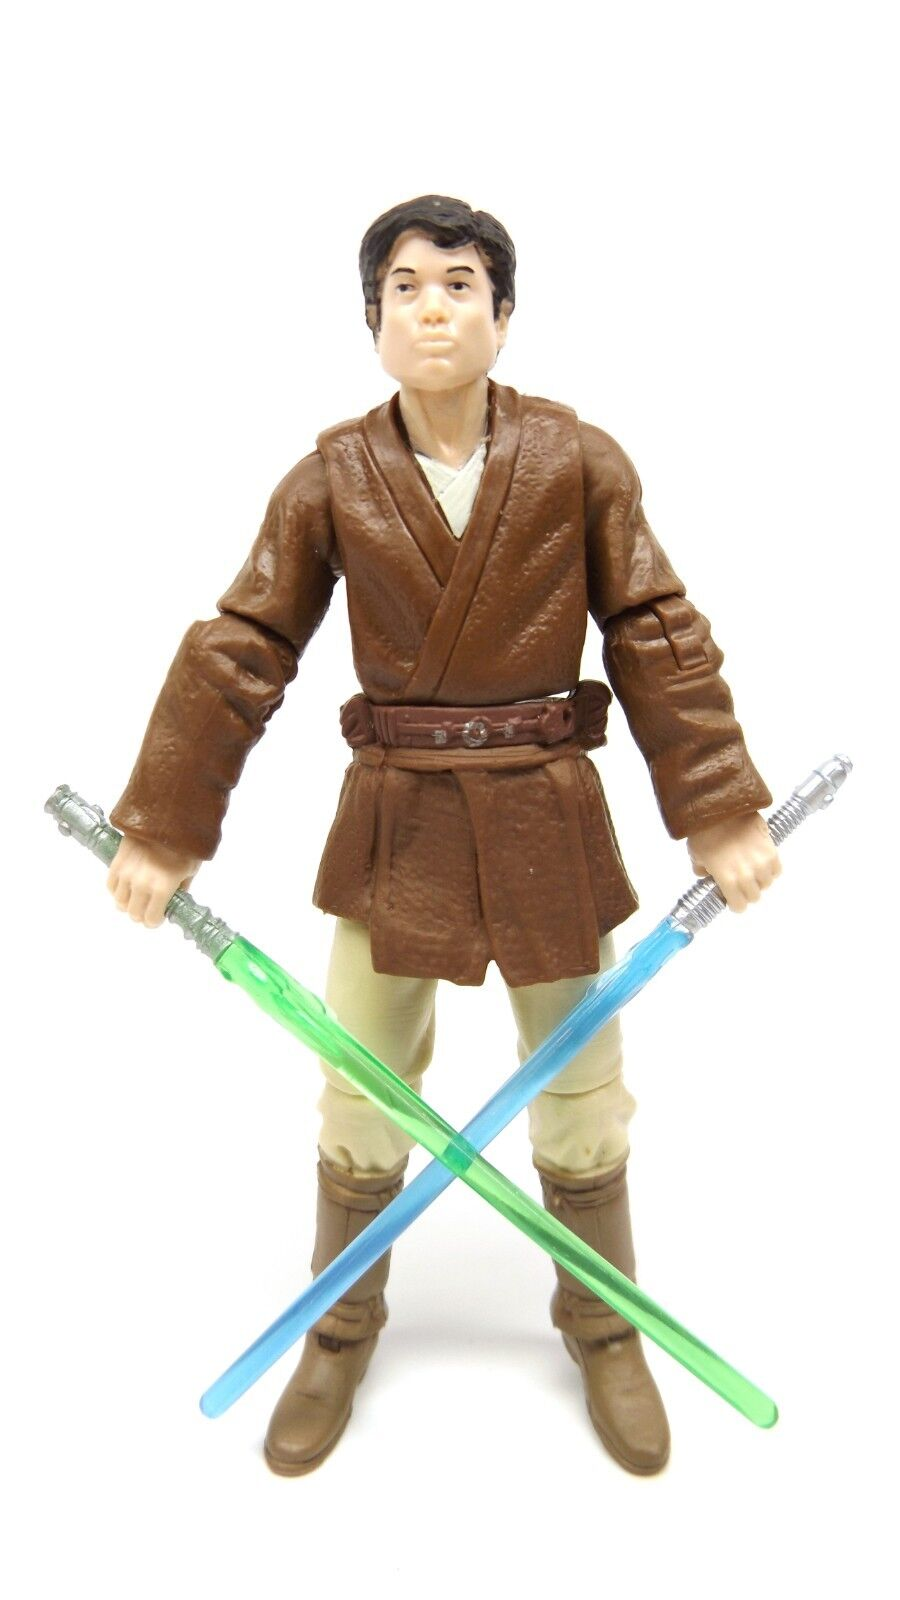 Star Wars TRU Battle of Geonosis Jedi Knight Selig Kenjenn Loose Complete